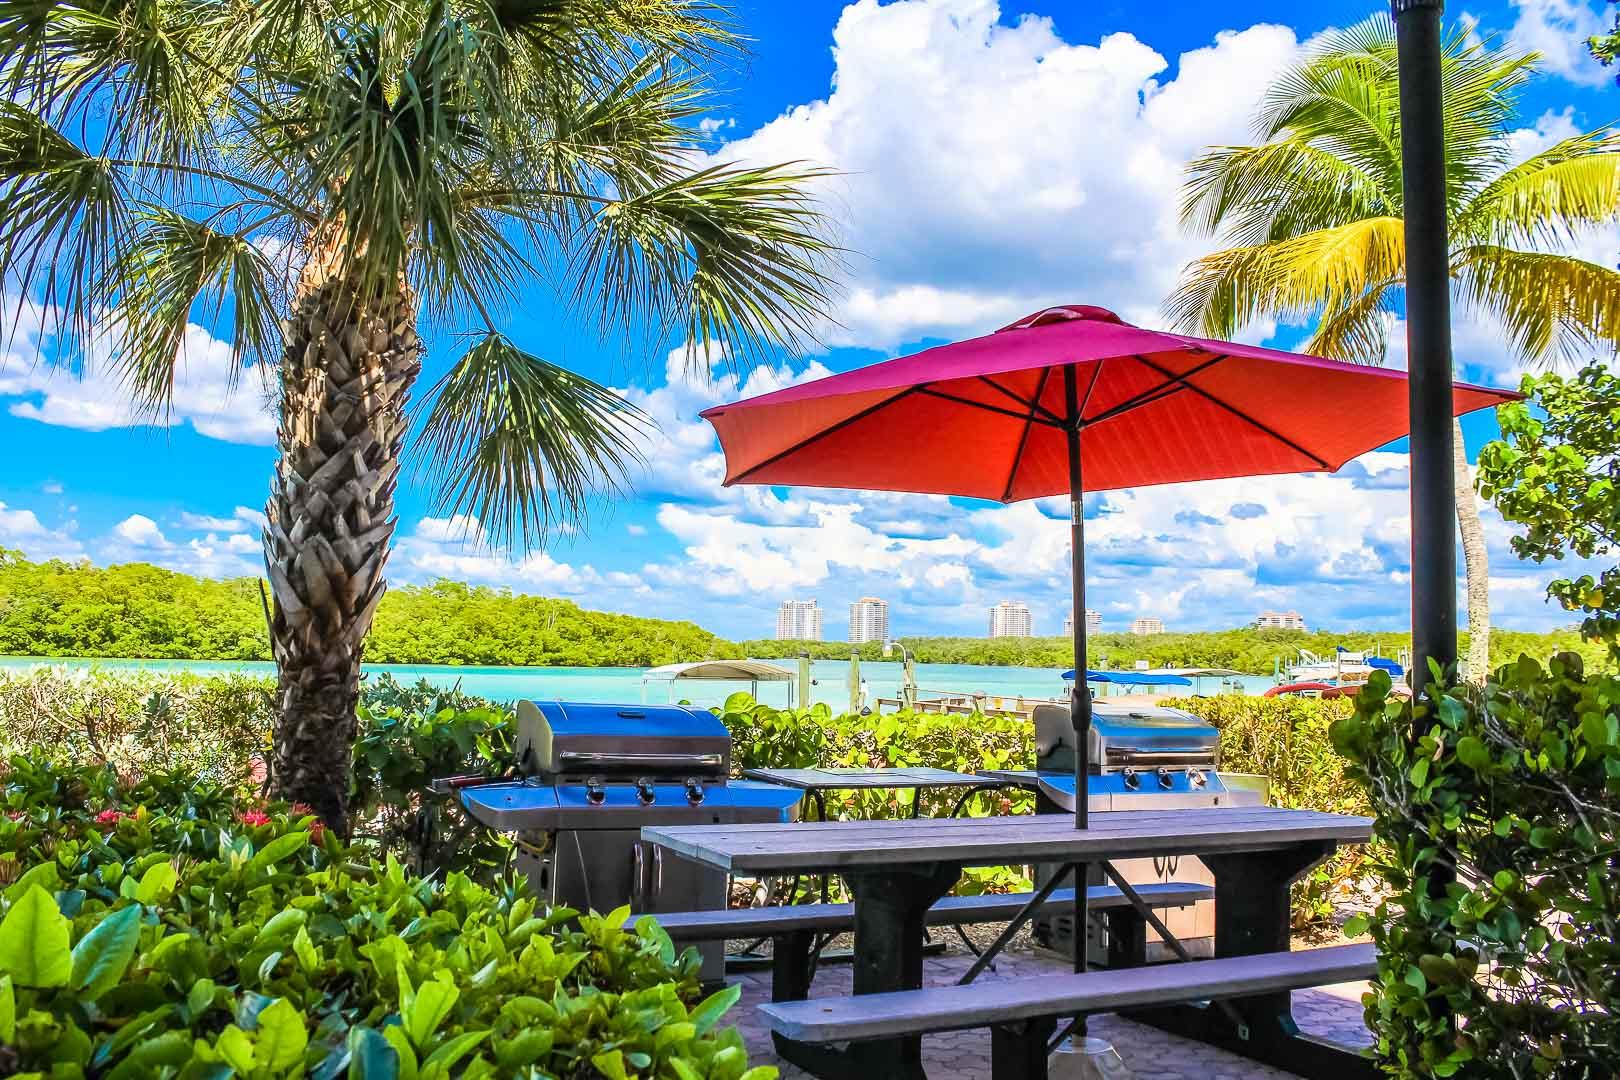 Bonita Resort Club Resort Amenities - BBQ Grills